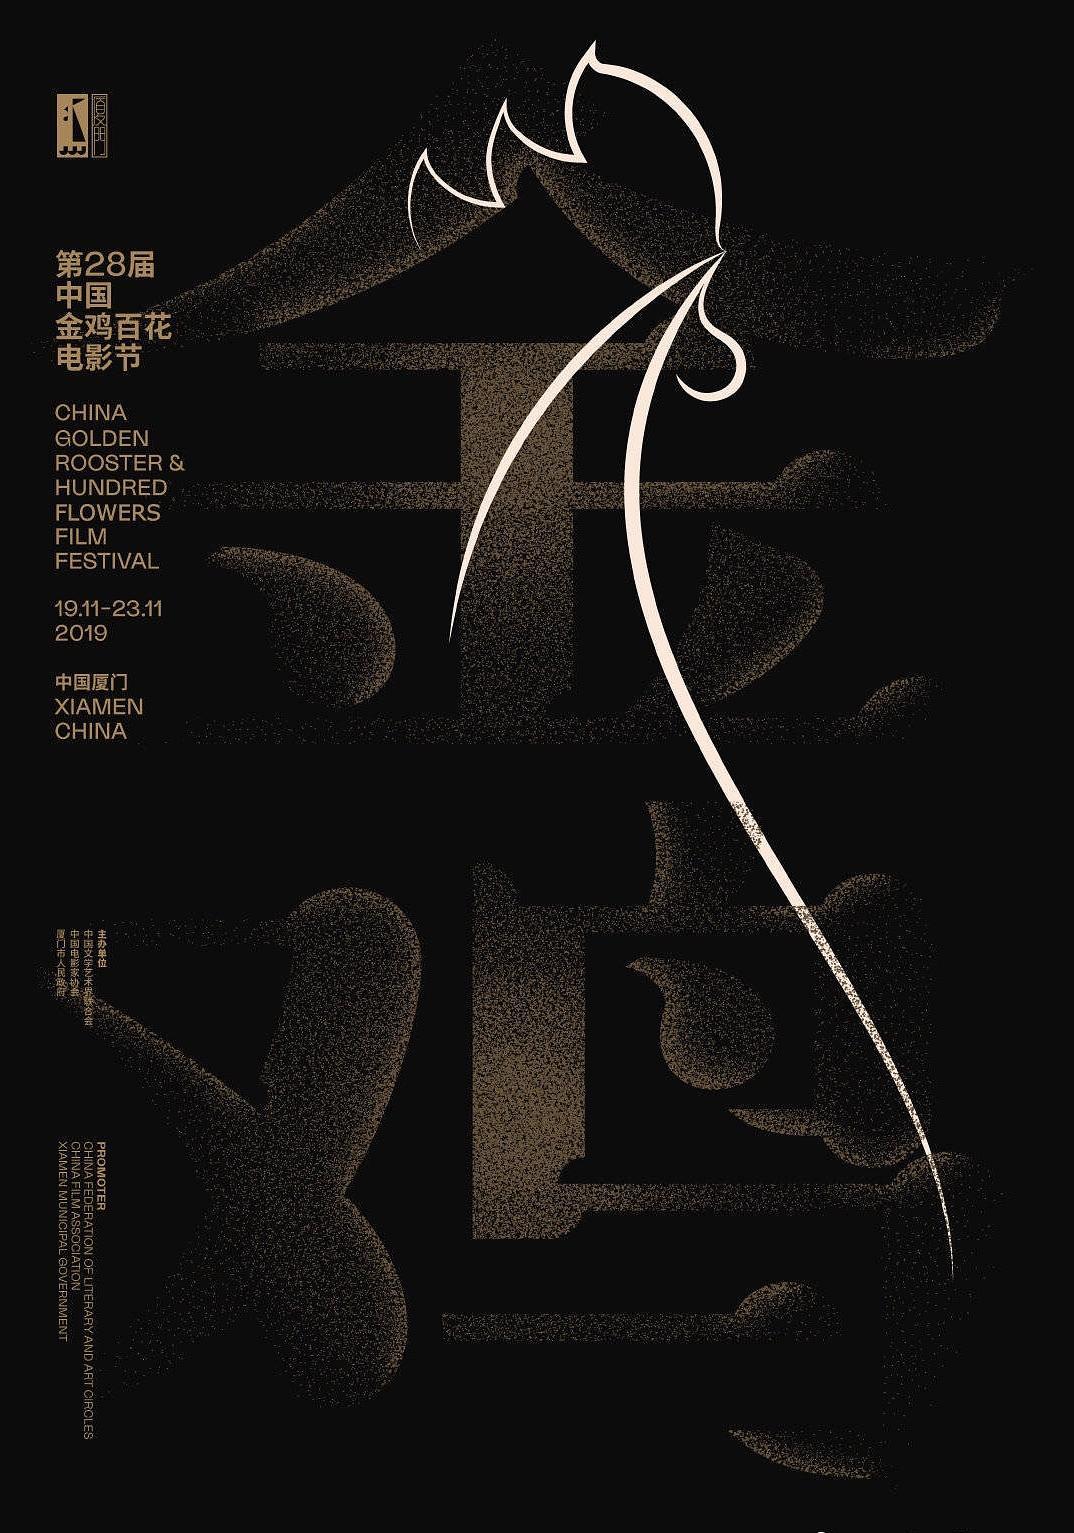 华语地区九大影展海报大PK,感到一股难以言表复杂的情绪…… 涨姿势 第3张